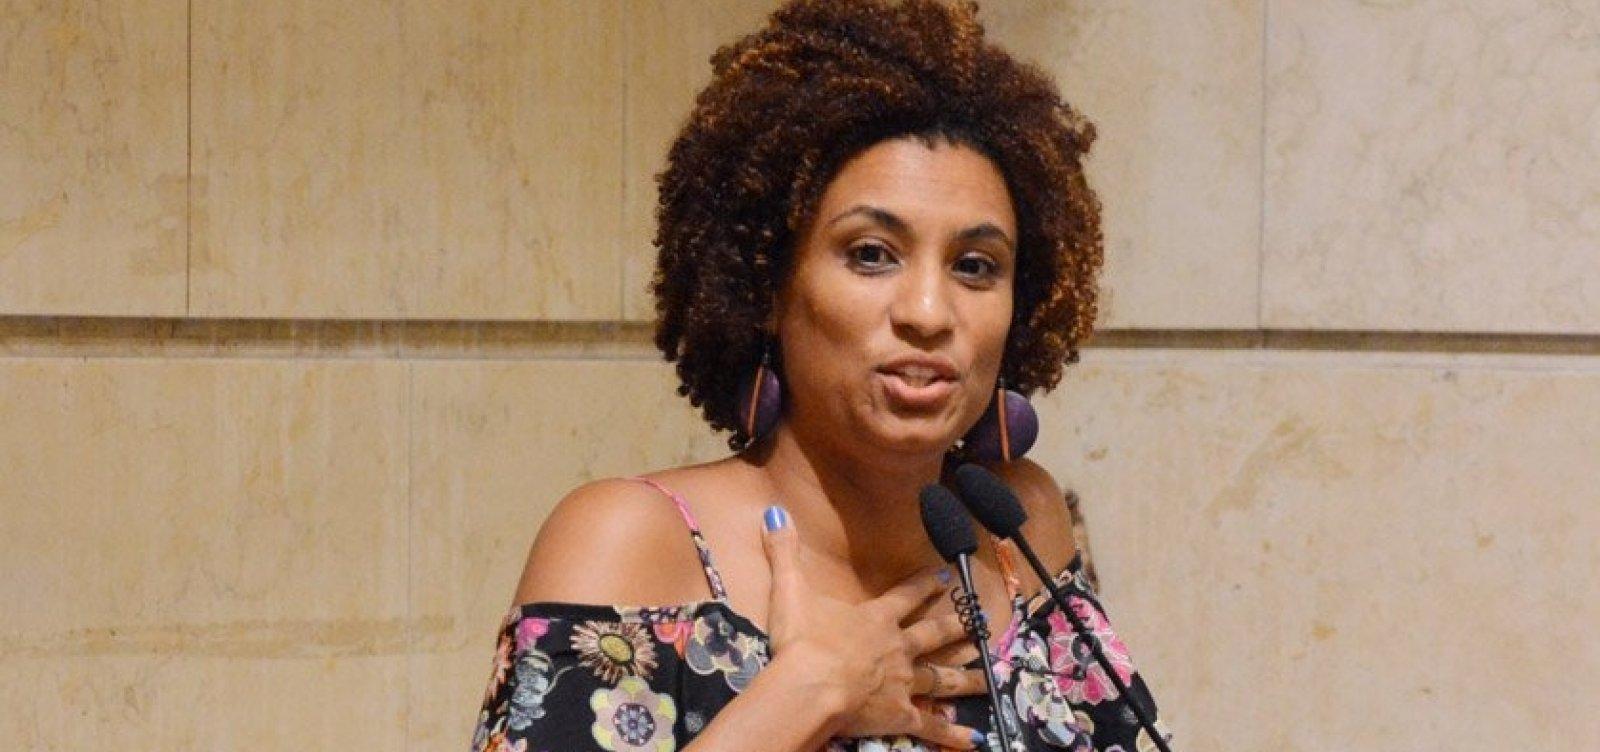 Perícia em áudio do condomínio de Bolsonaro, feita após repercussão, durou 2h25